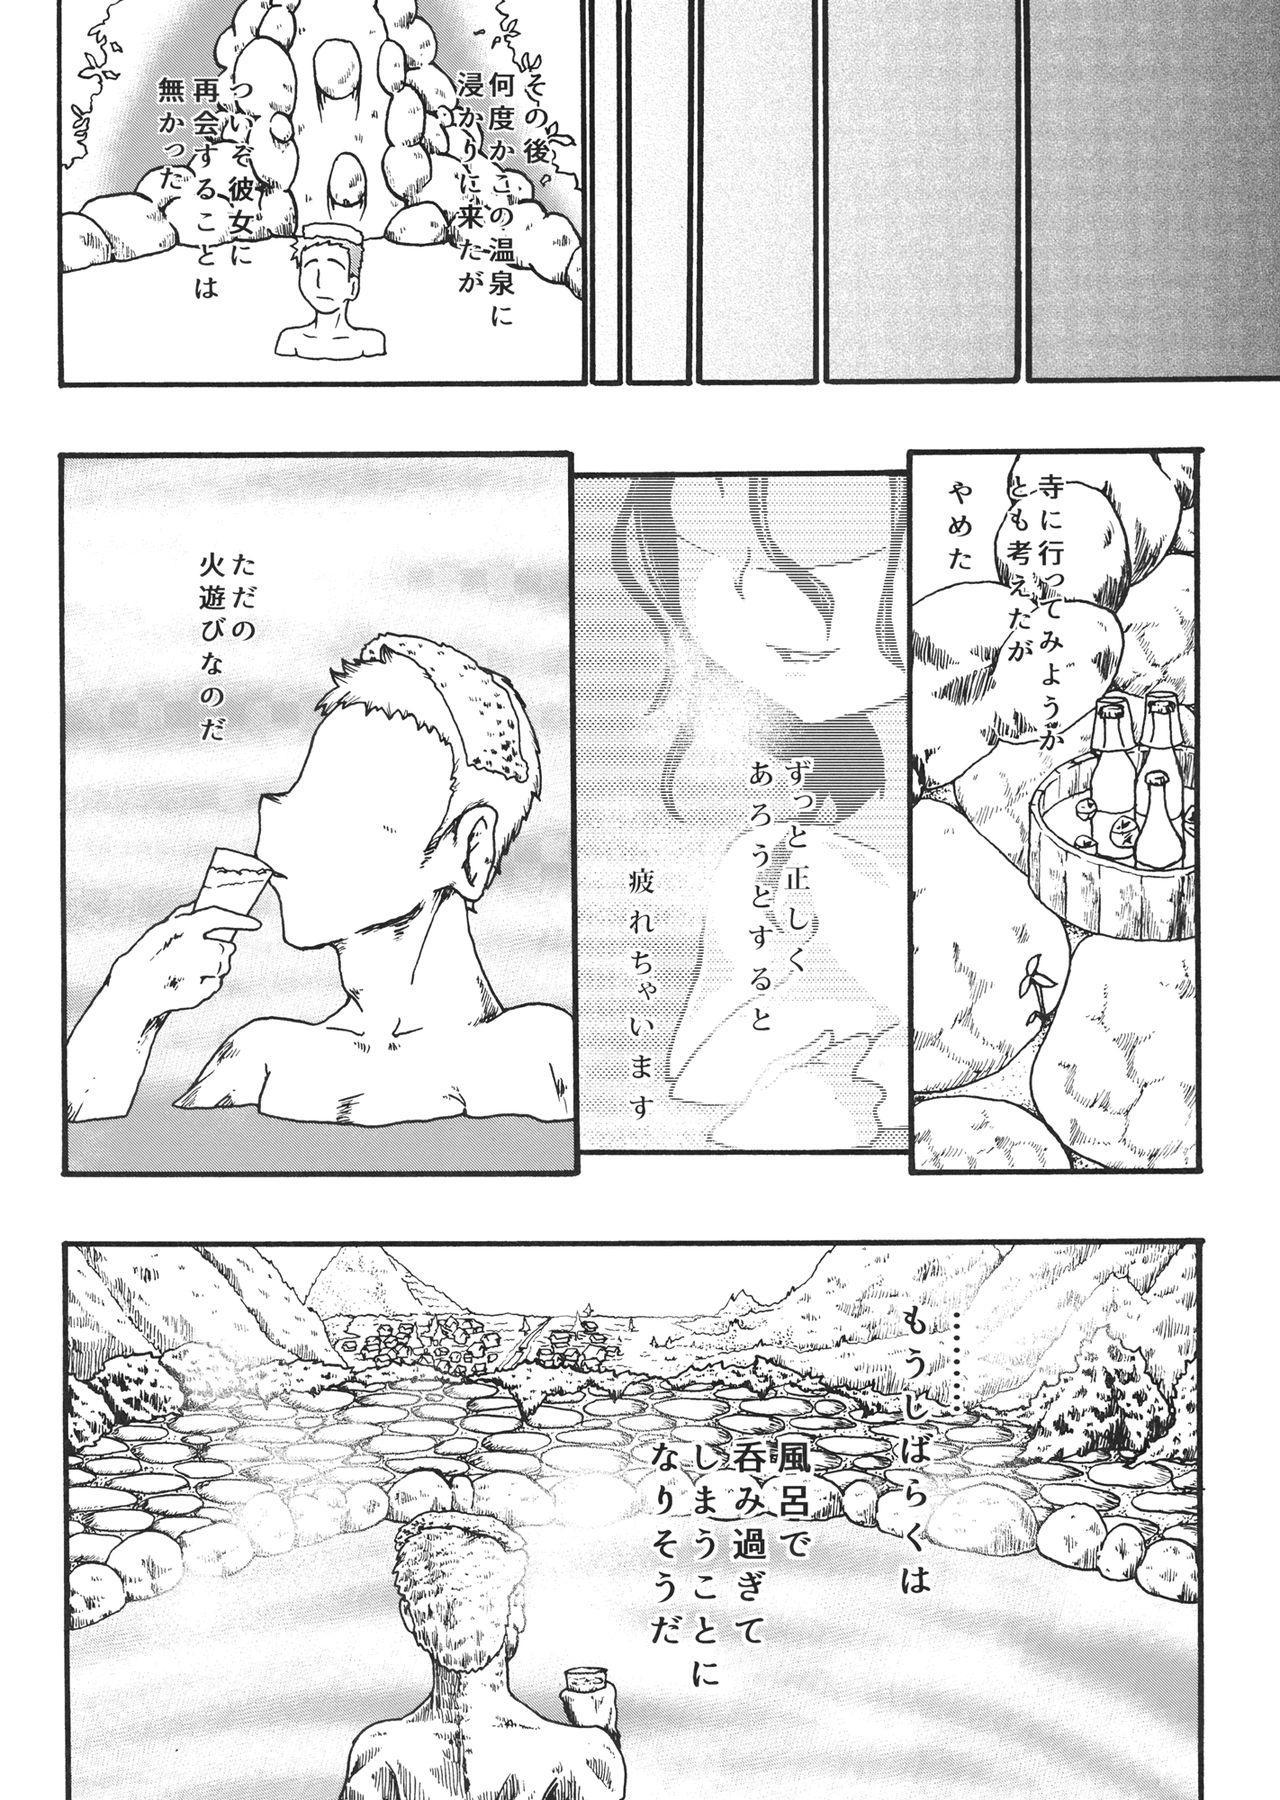 Murasa Minamitsu no Tonogata Jijou 22